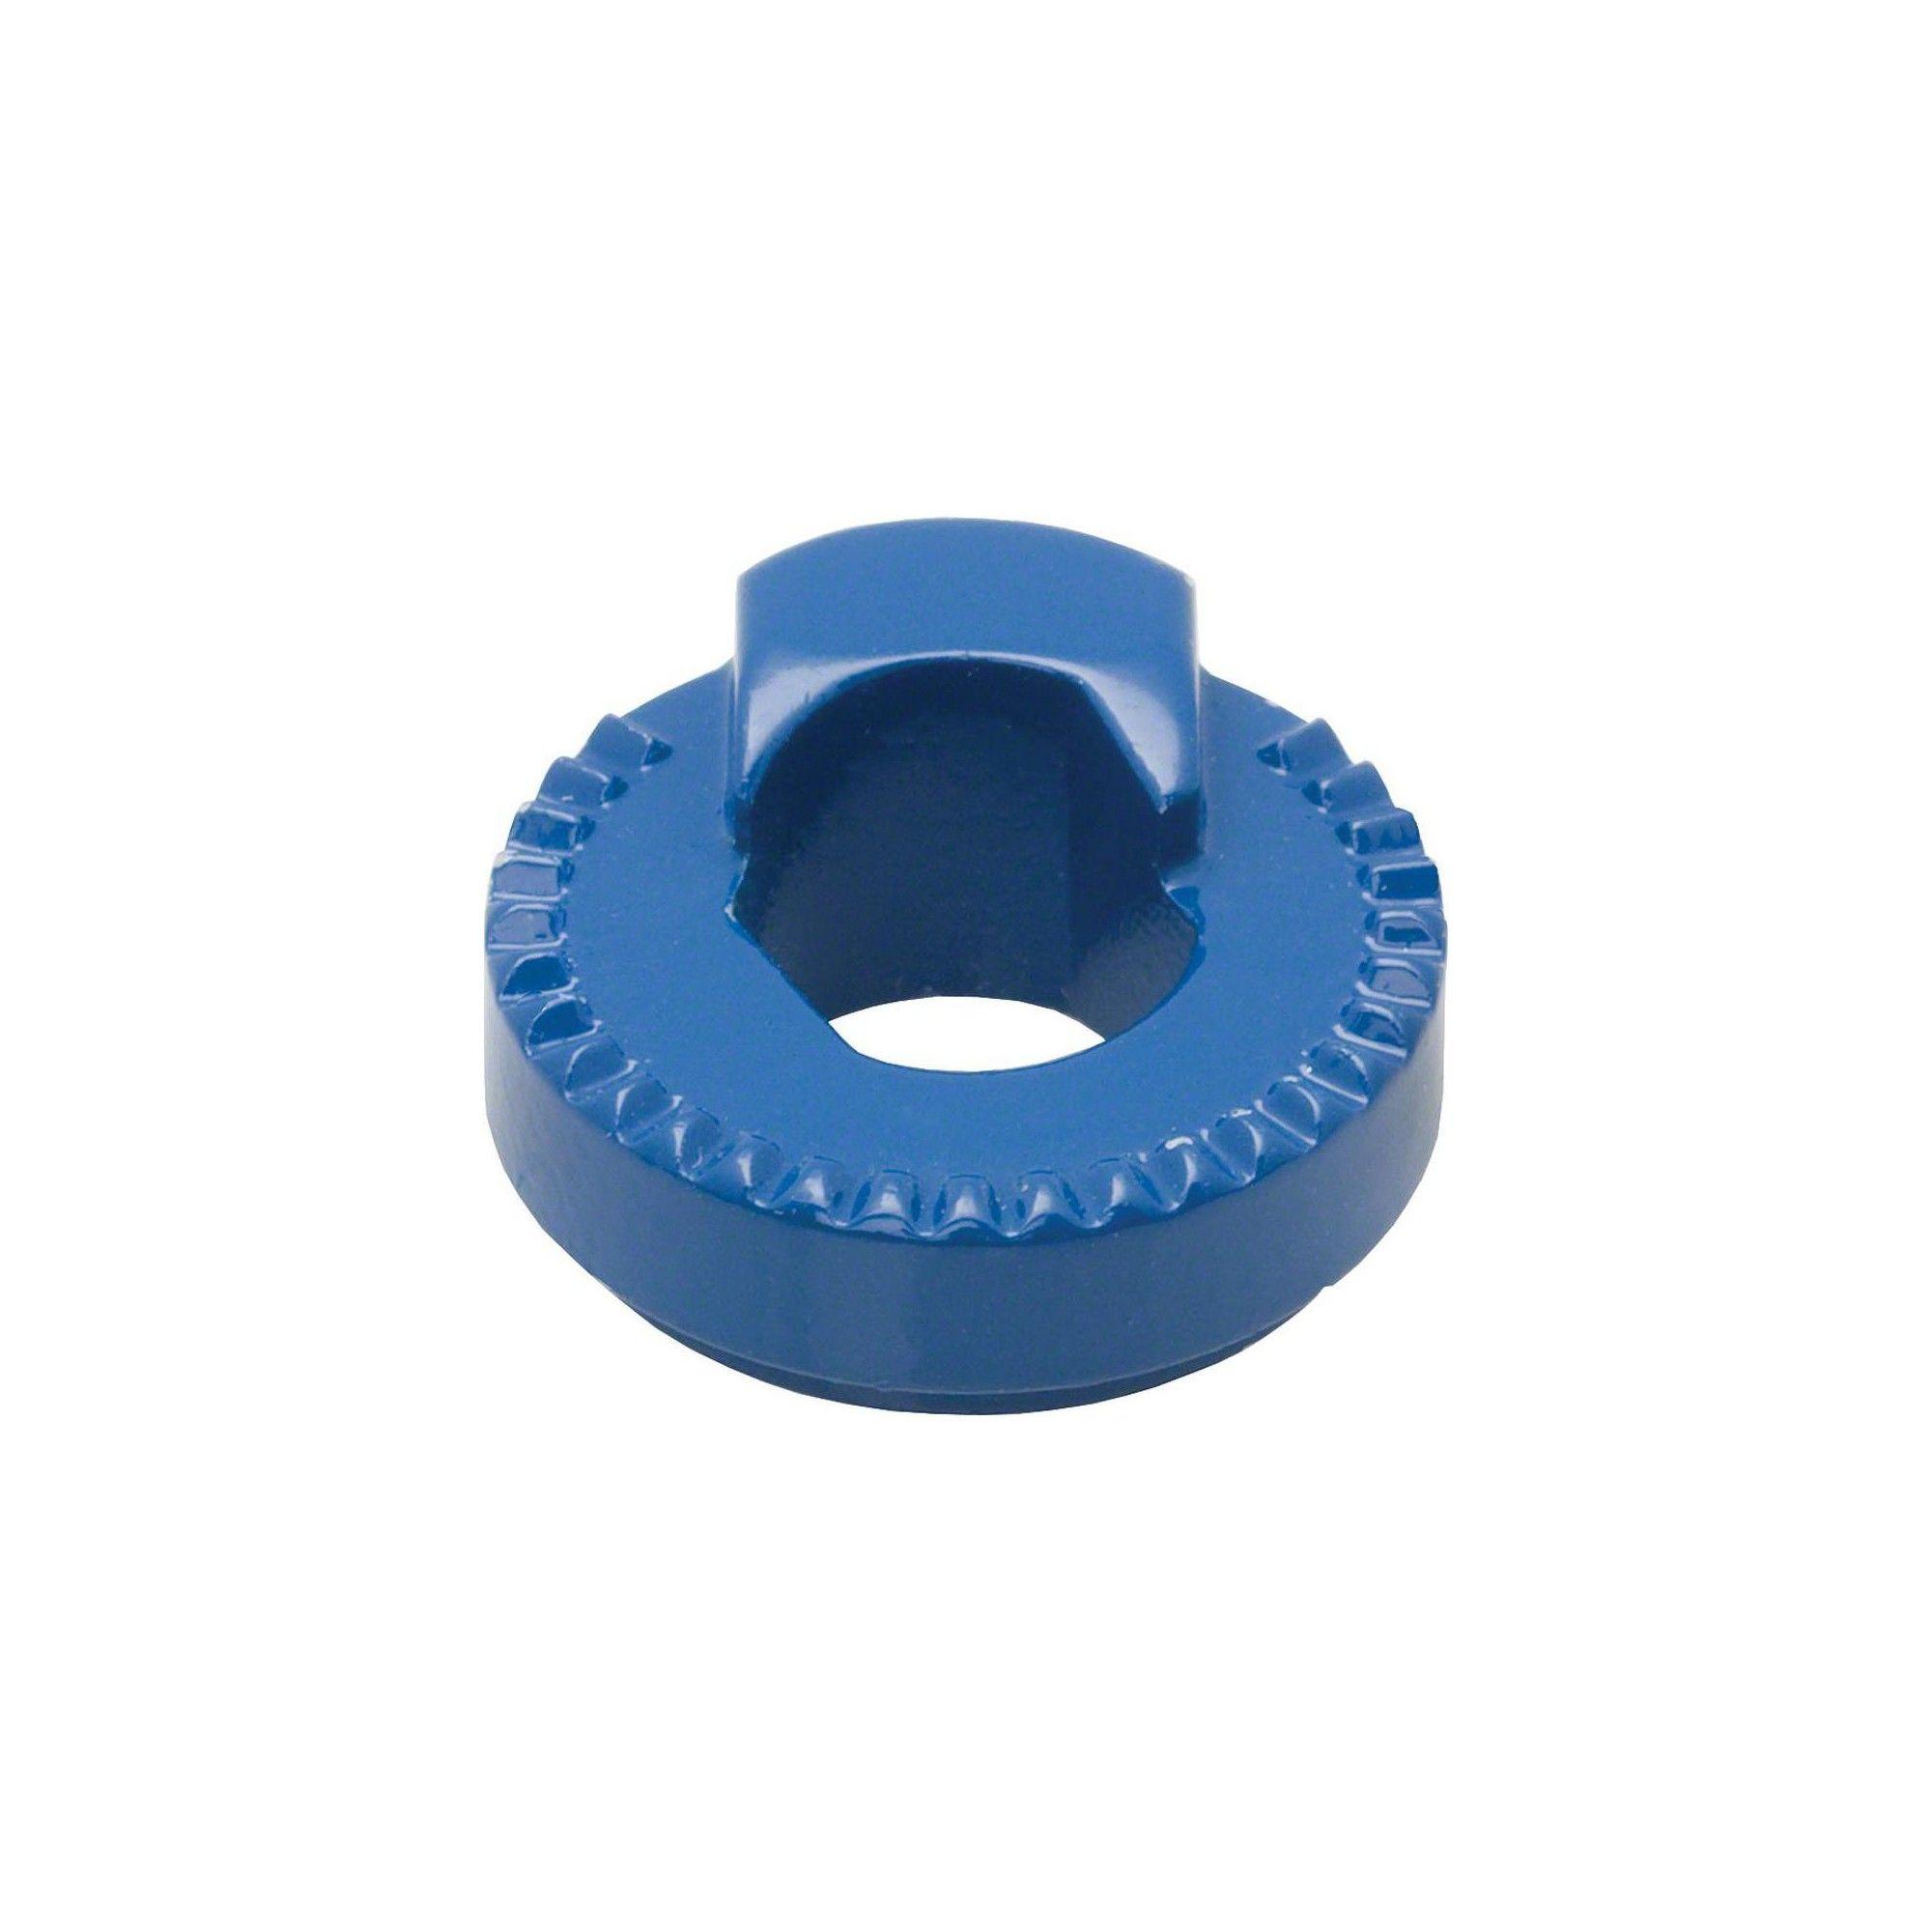 8R Blue Shimano Nexus//Alfine Vertical Dropout Right Non-turn Washer